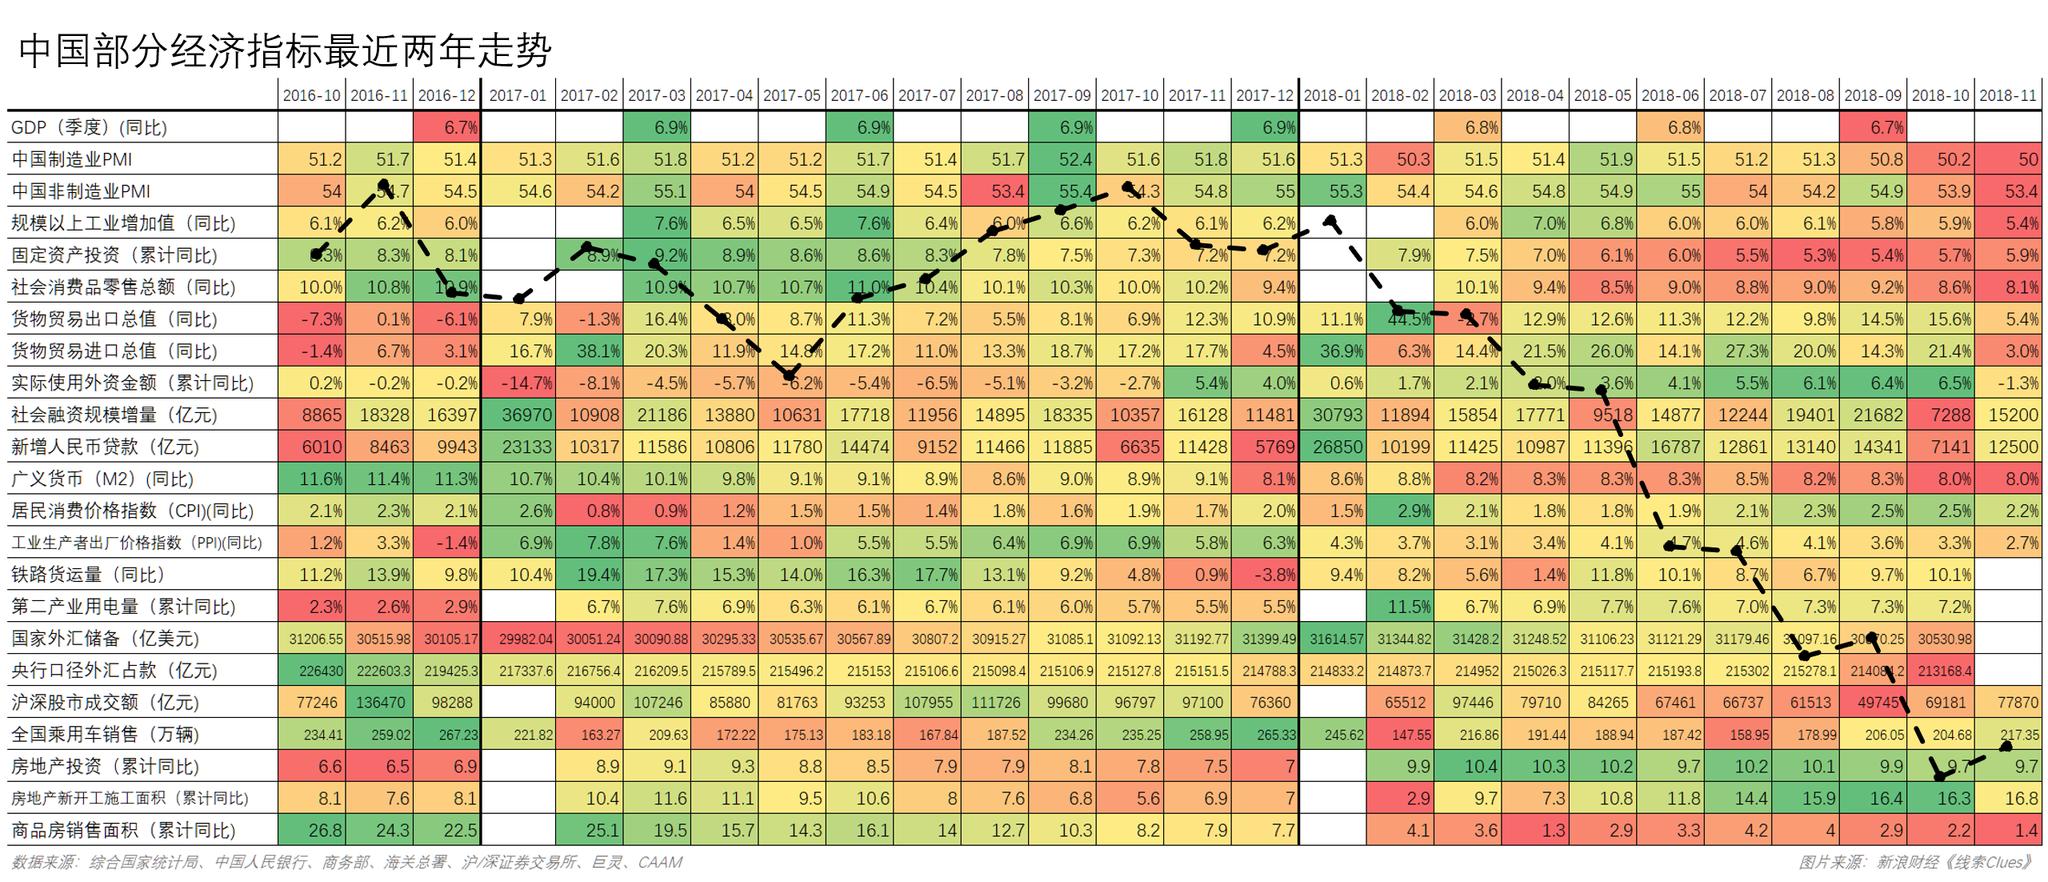 中国片面经济指标近来两年数据,叠添基于各月末点位的中证全指(000985)走势(图片来源:新浪财经《线索Clues》)